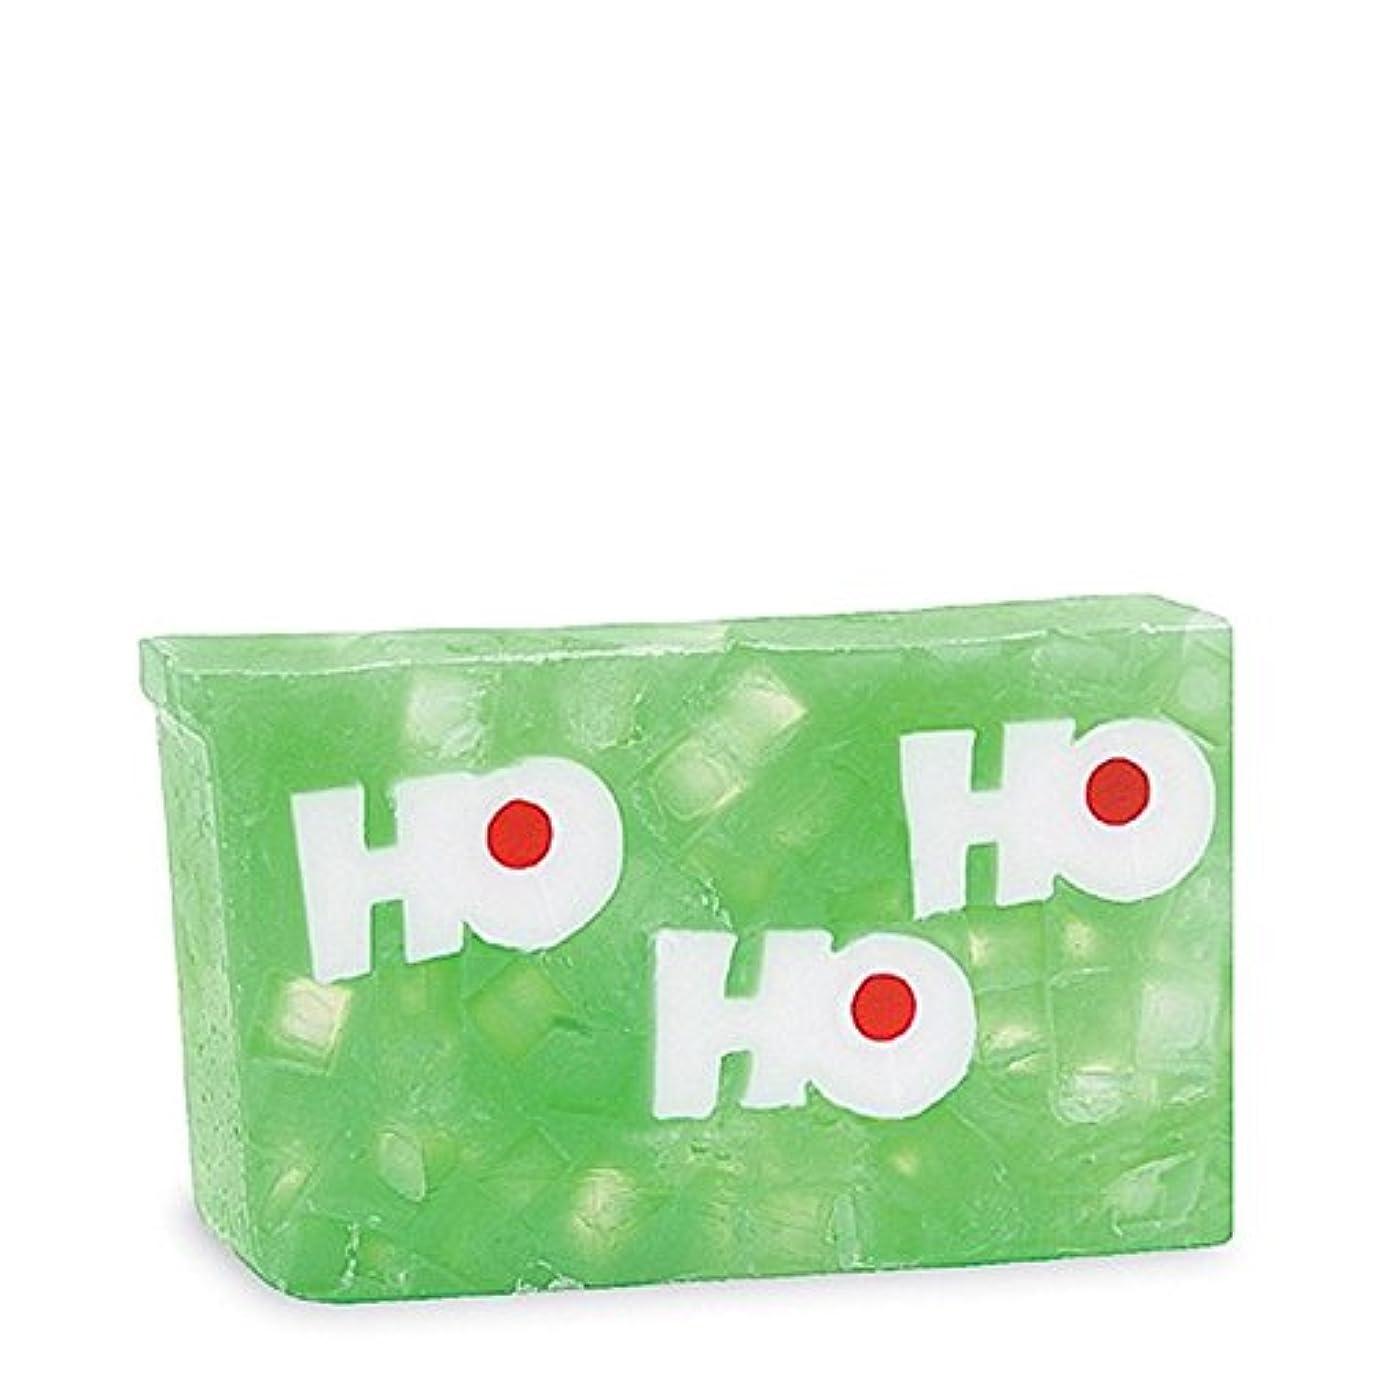 医学ゲストスワップPrimal Elements Ho Ho Ho Soap - 原初の要素ホーホーホ石鹸 [並行輸入品]